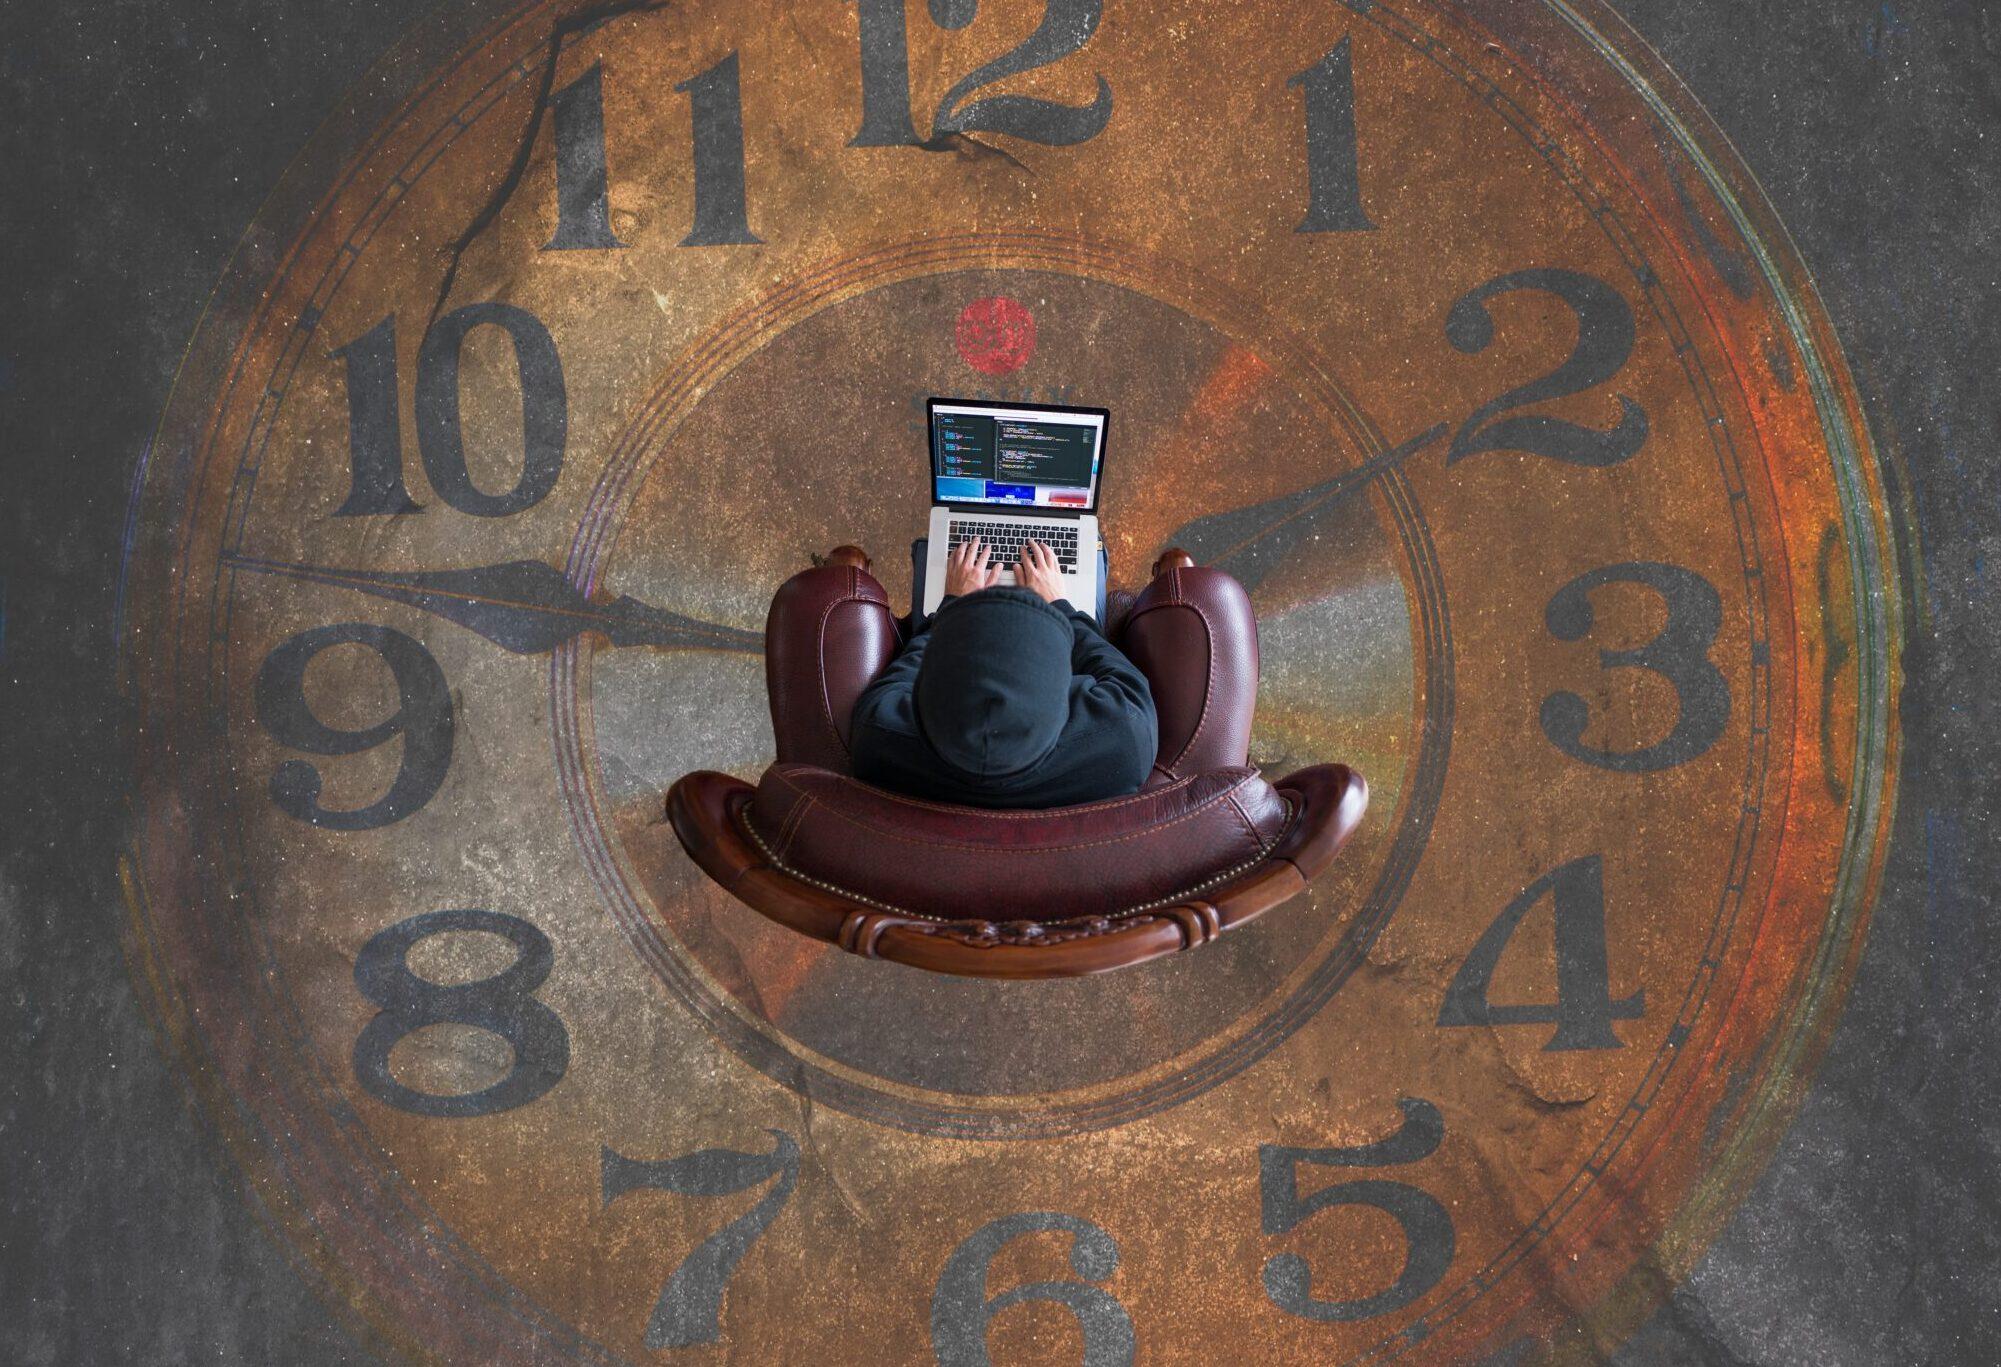 Uhr mit Person in der Mitte mit Laptop